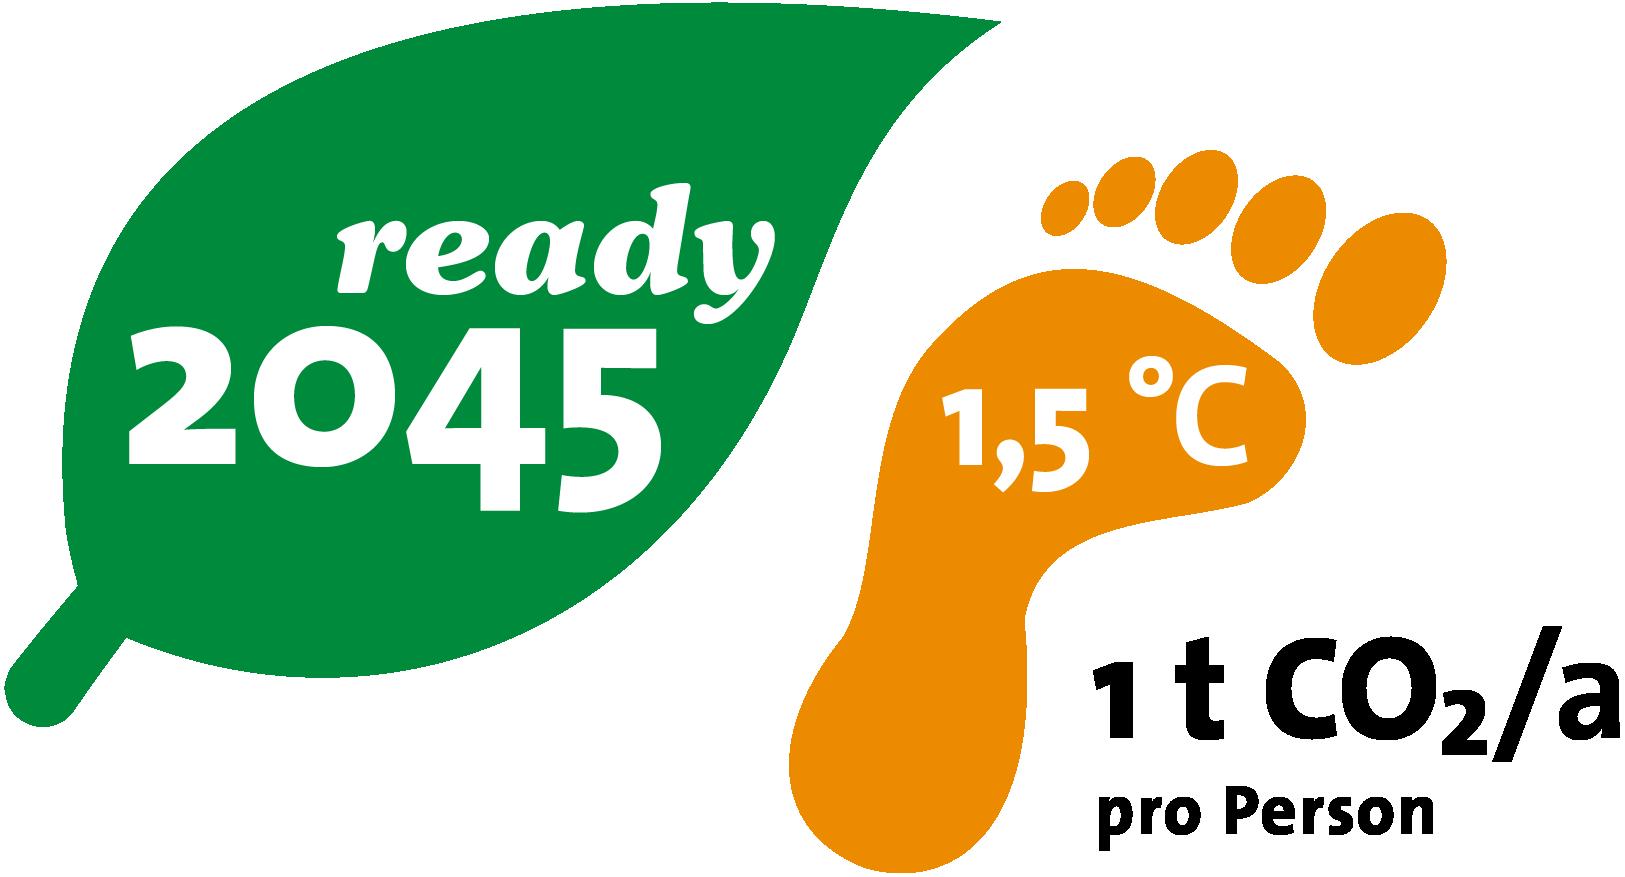 eZeit 2045 ready Fussabdruck